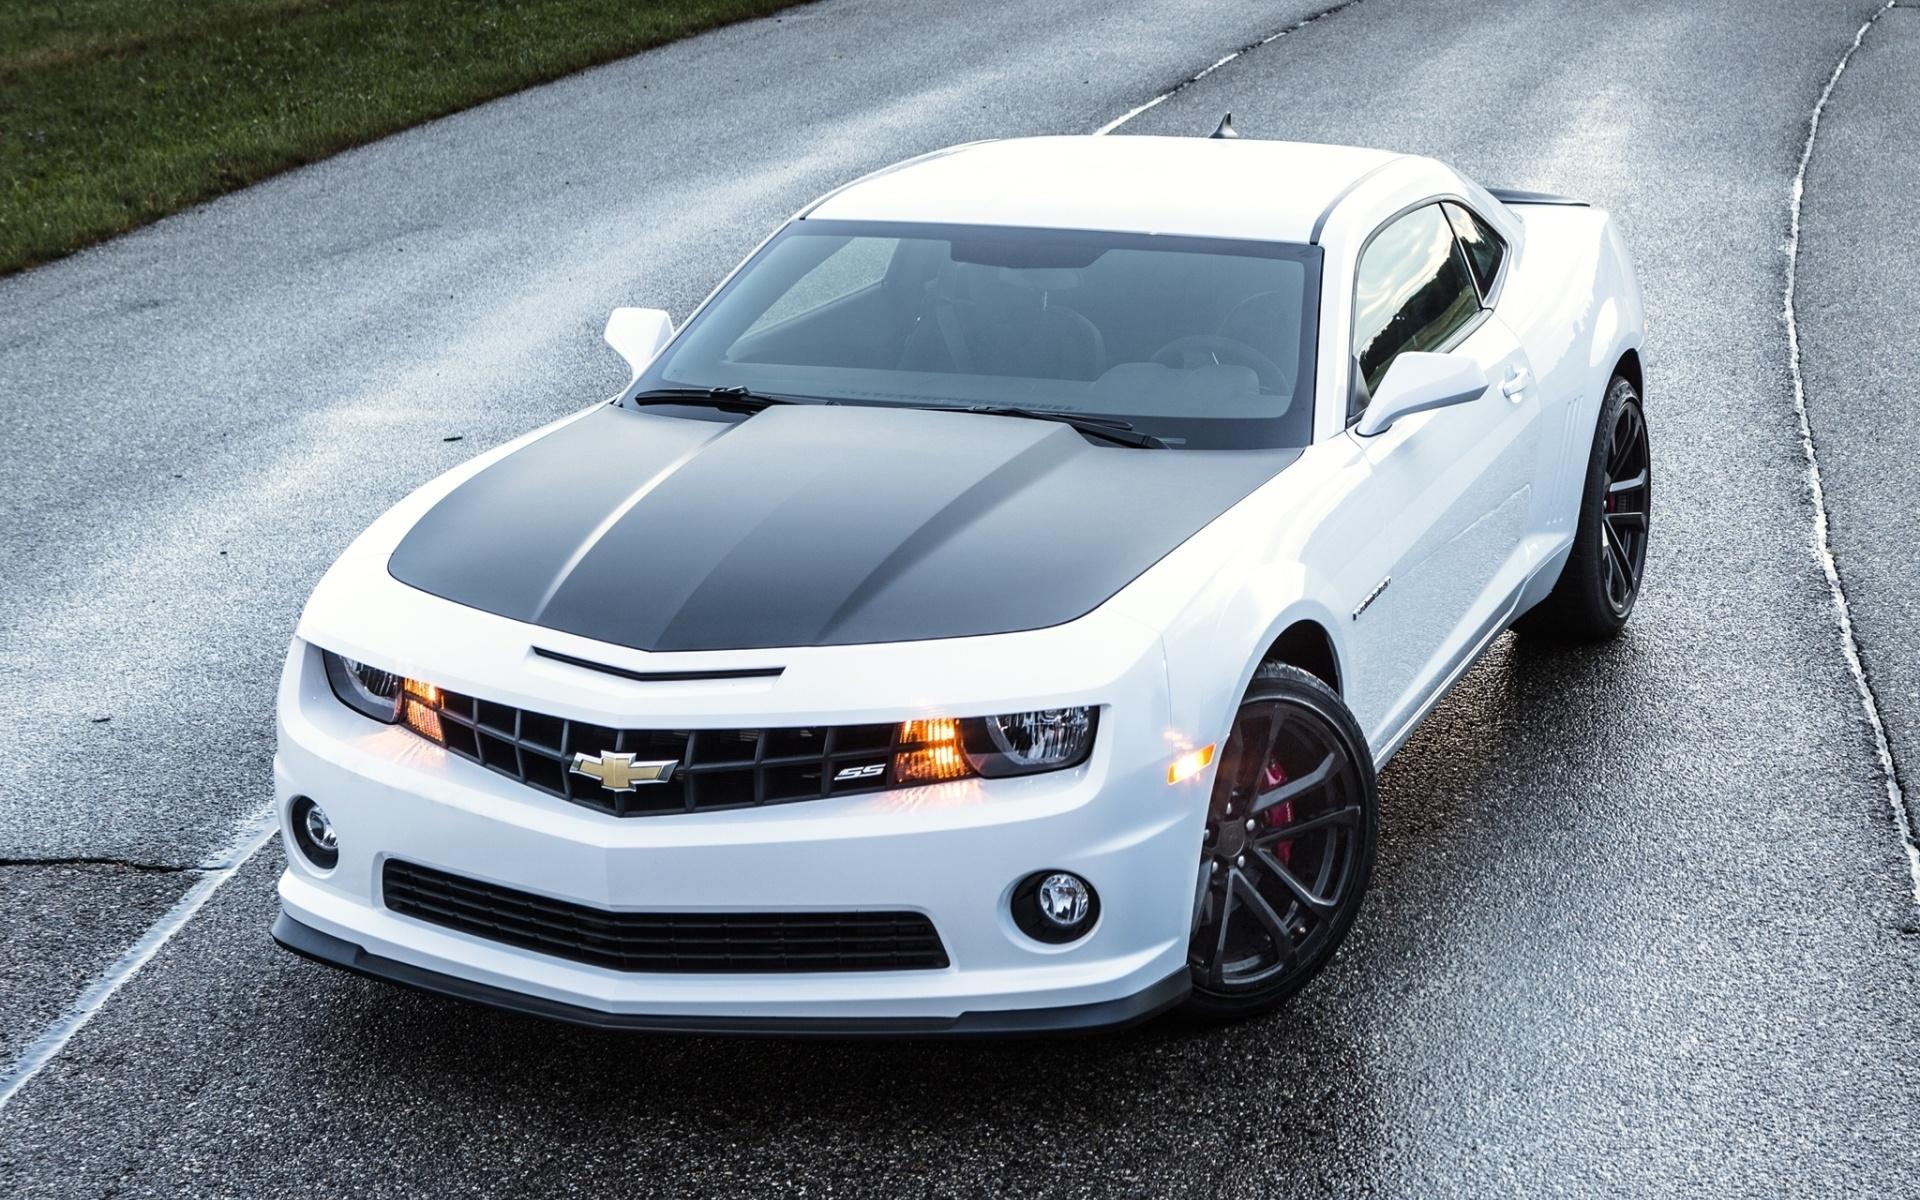 Chevrolet Camaro Белый  № 3022634 загрузить